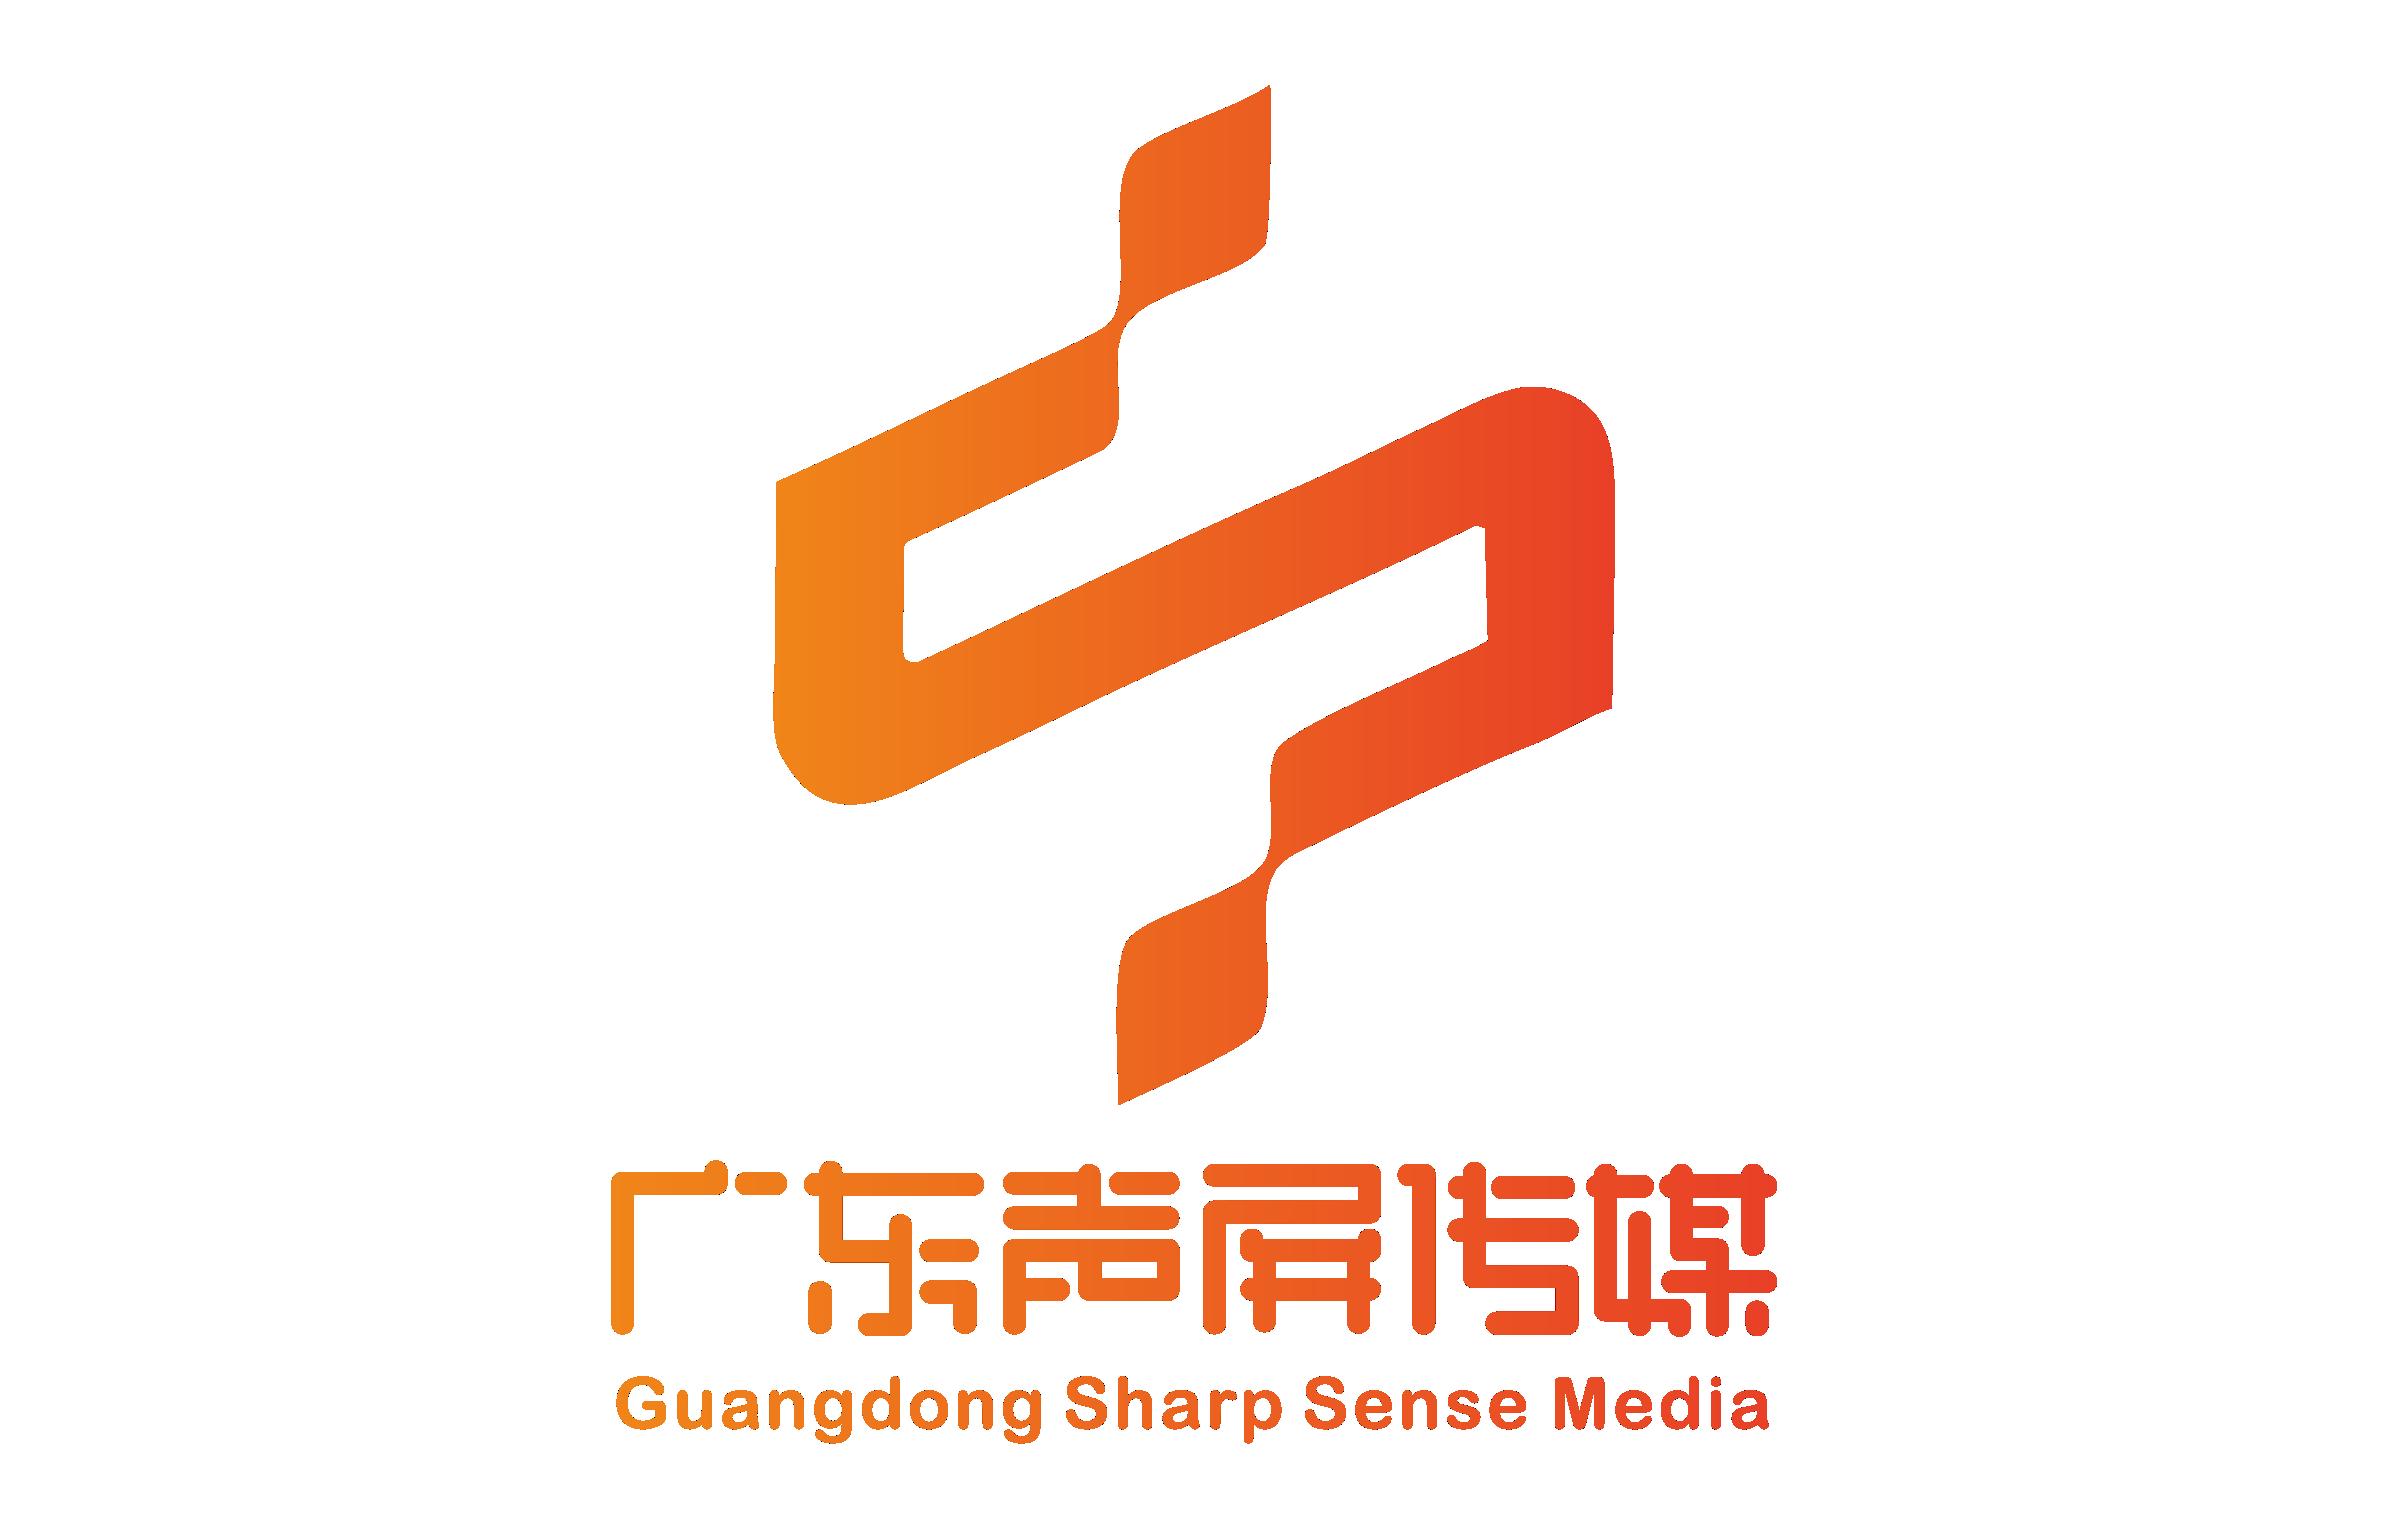 广东声屏传媒股份有限公司